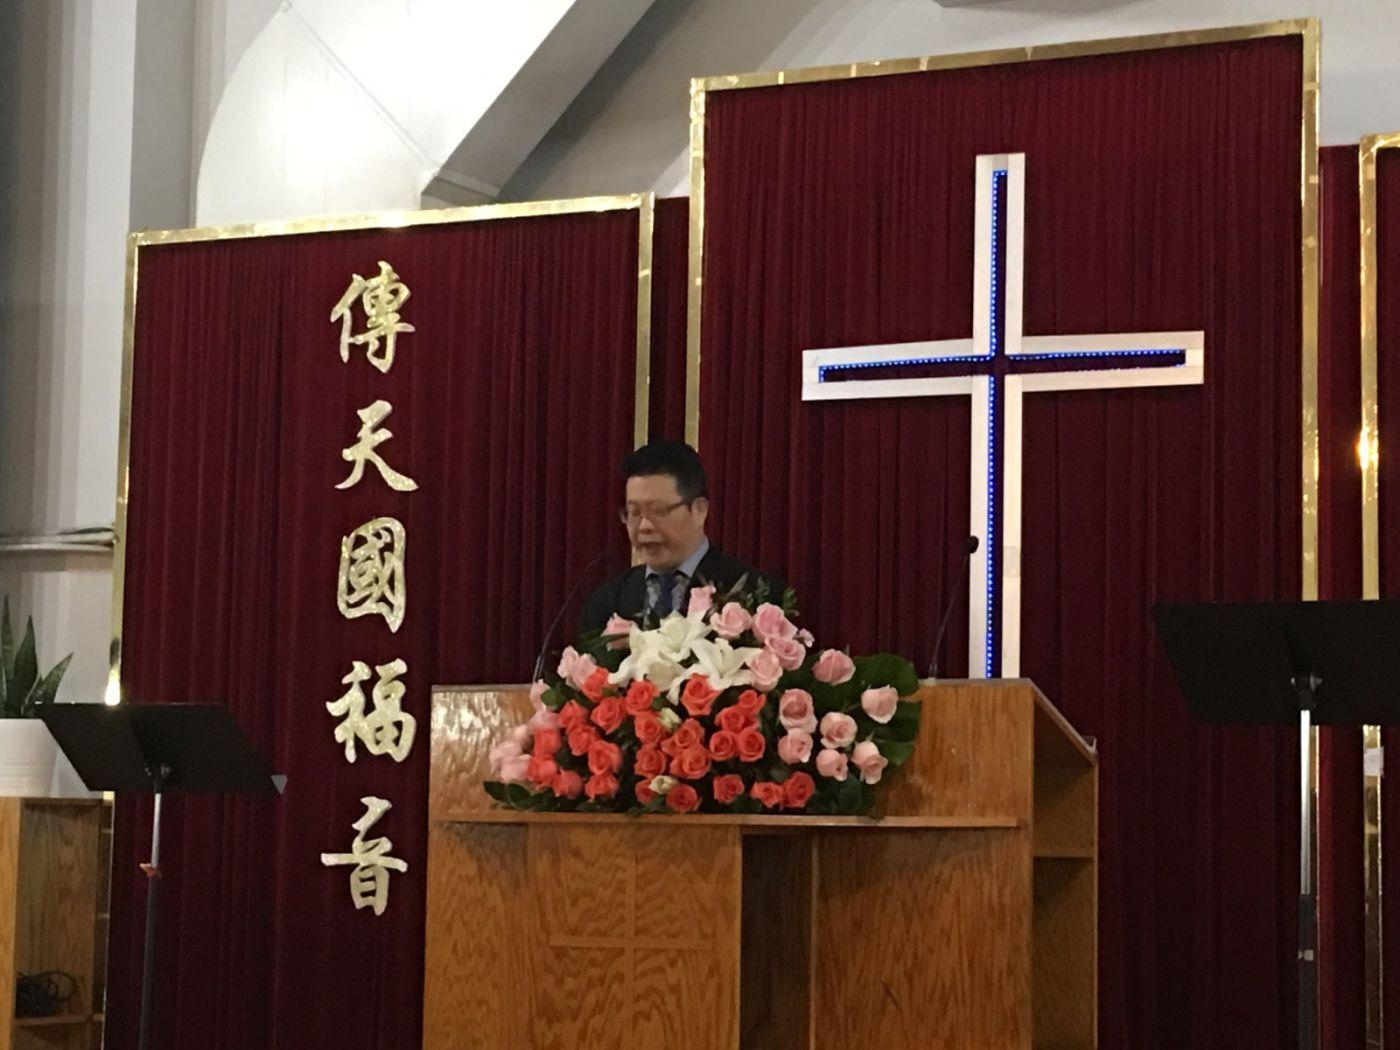 2019紐約基督閩恩教會舉辦感恩節崇拜_图1-21